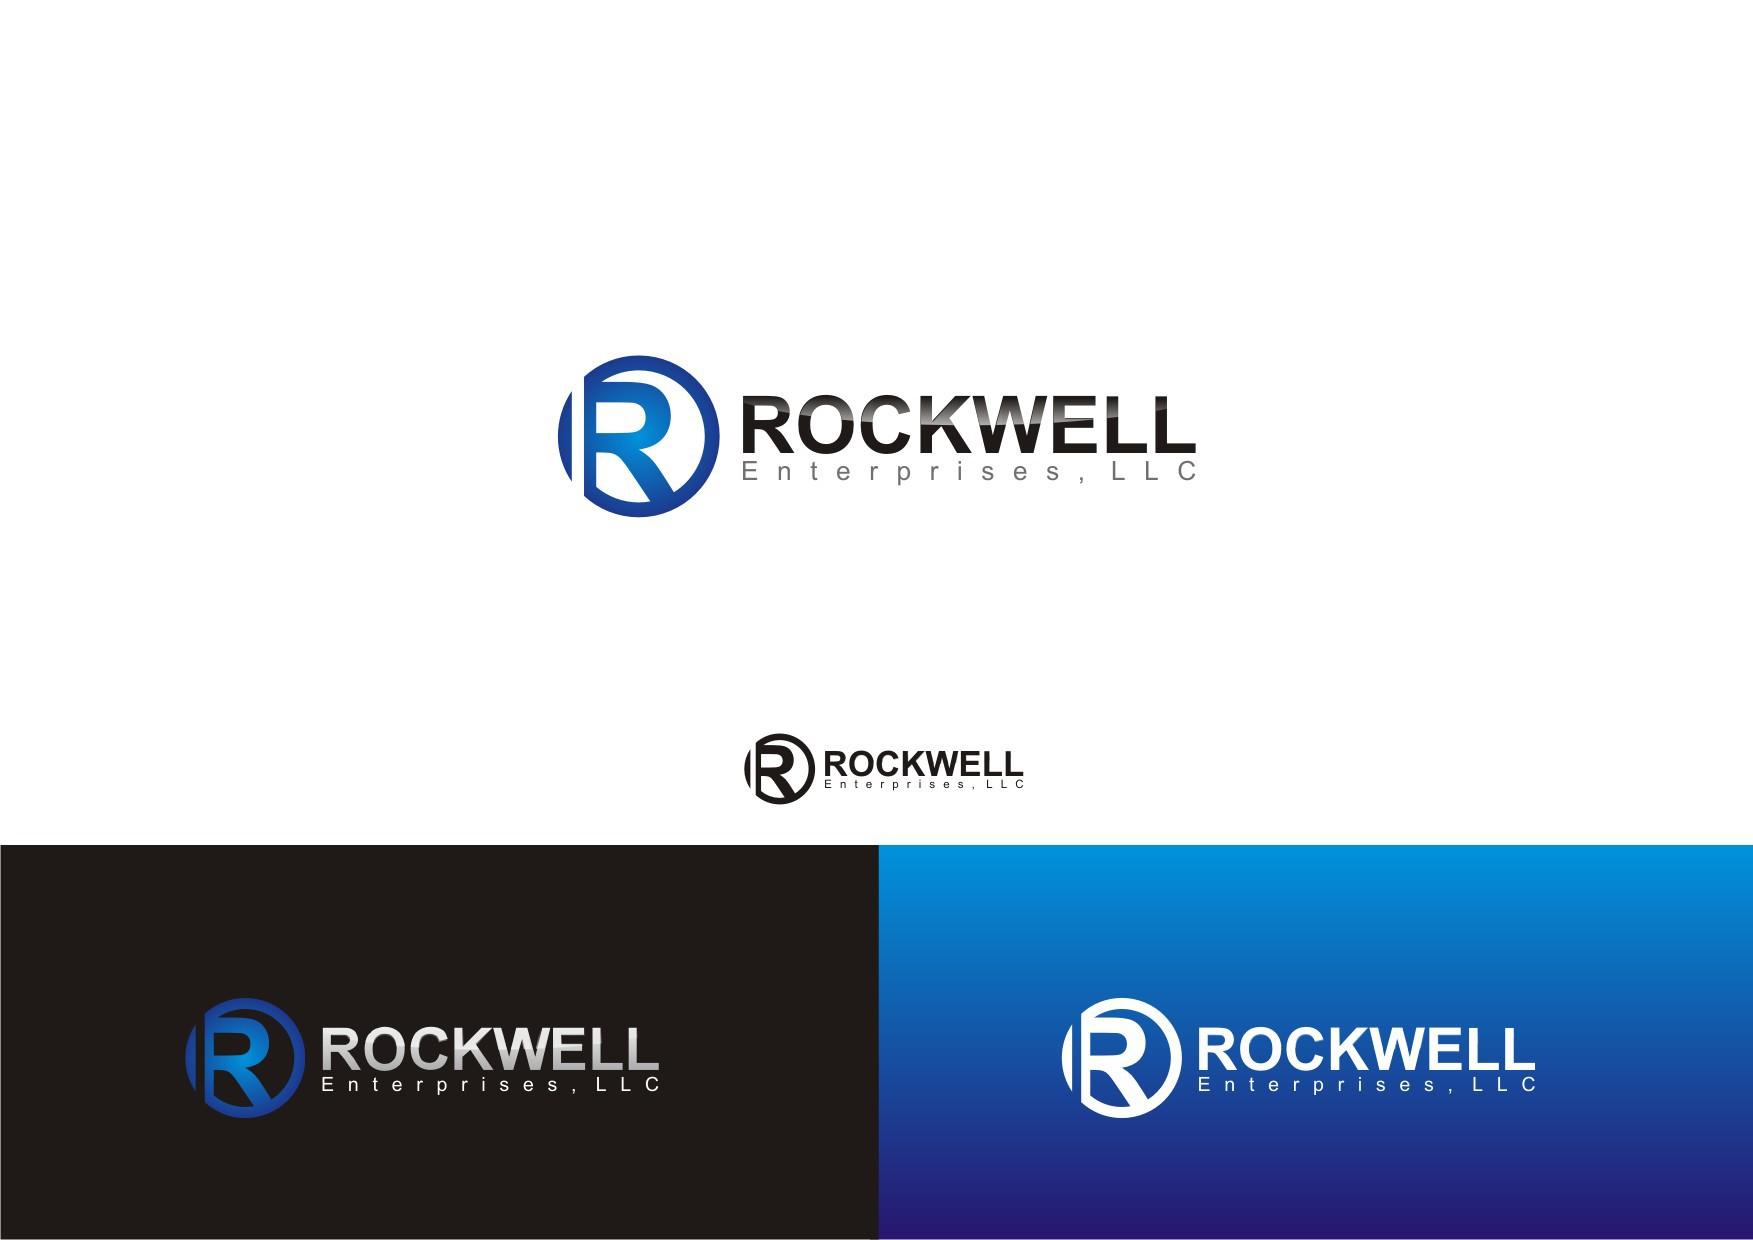 logo for Rockwell Enterprises, LLC